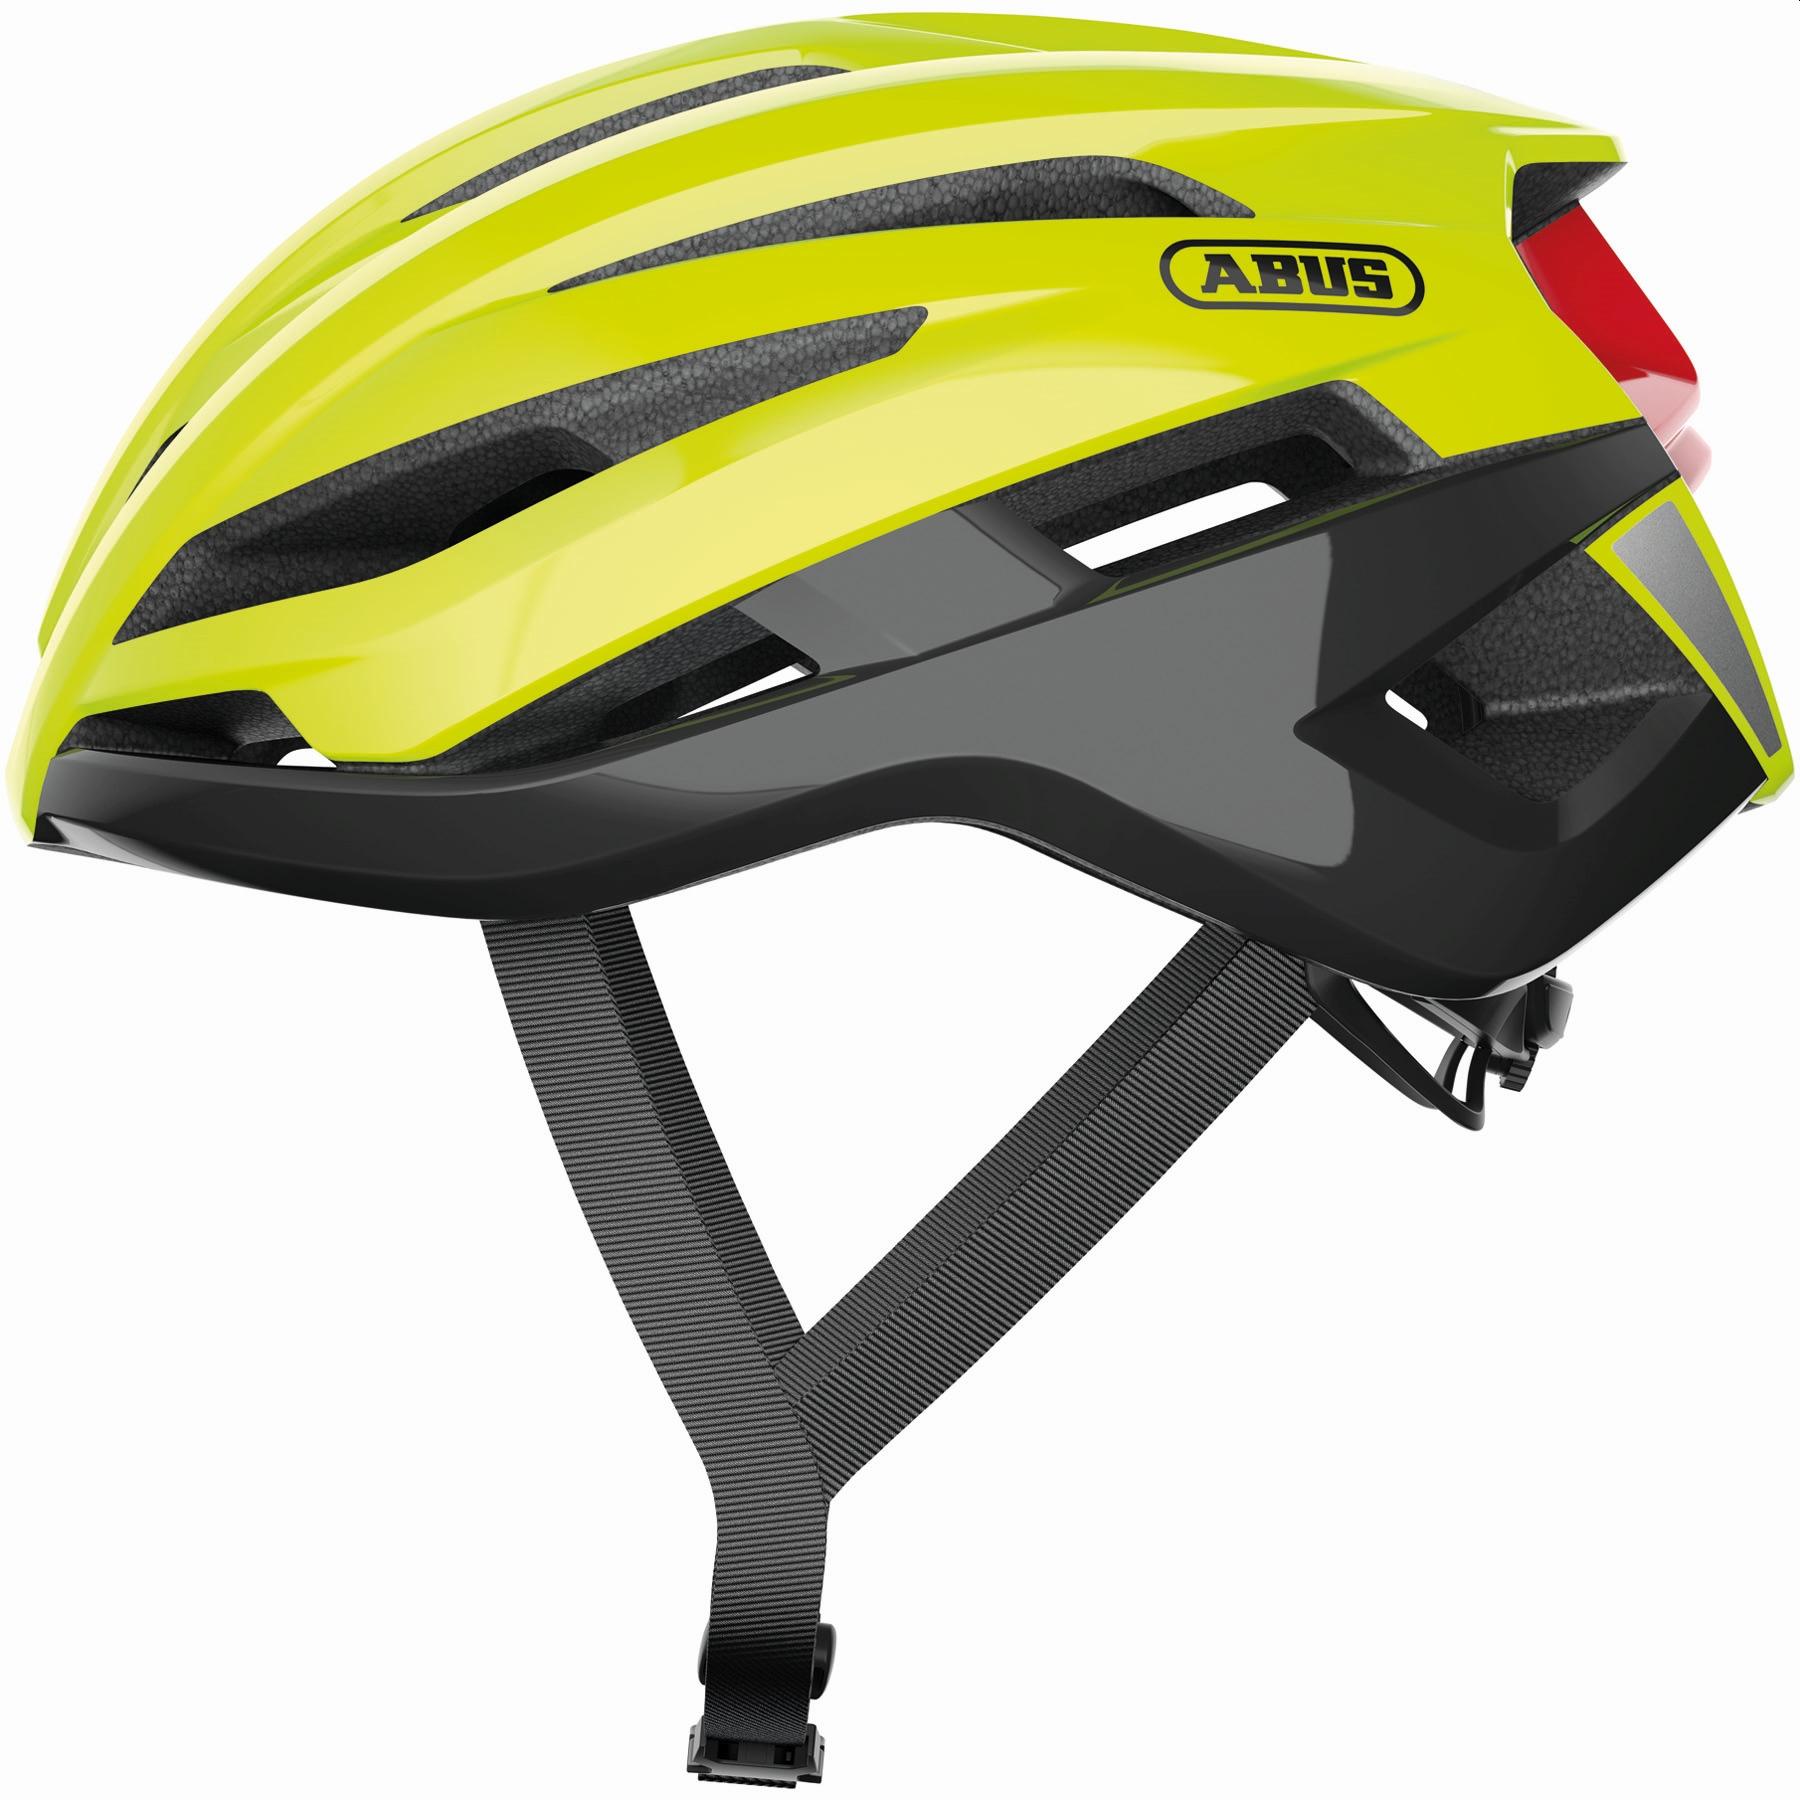 ABUS StormChaser Casco Carretera - neon yellow